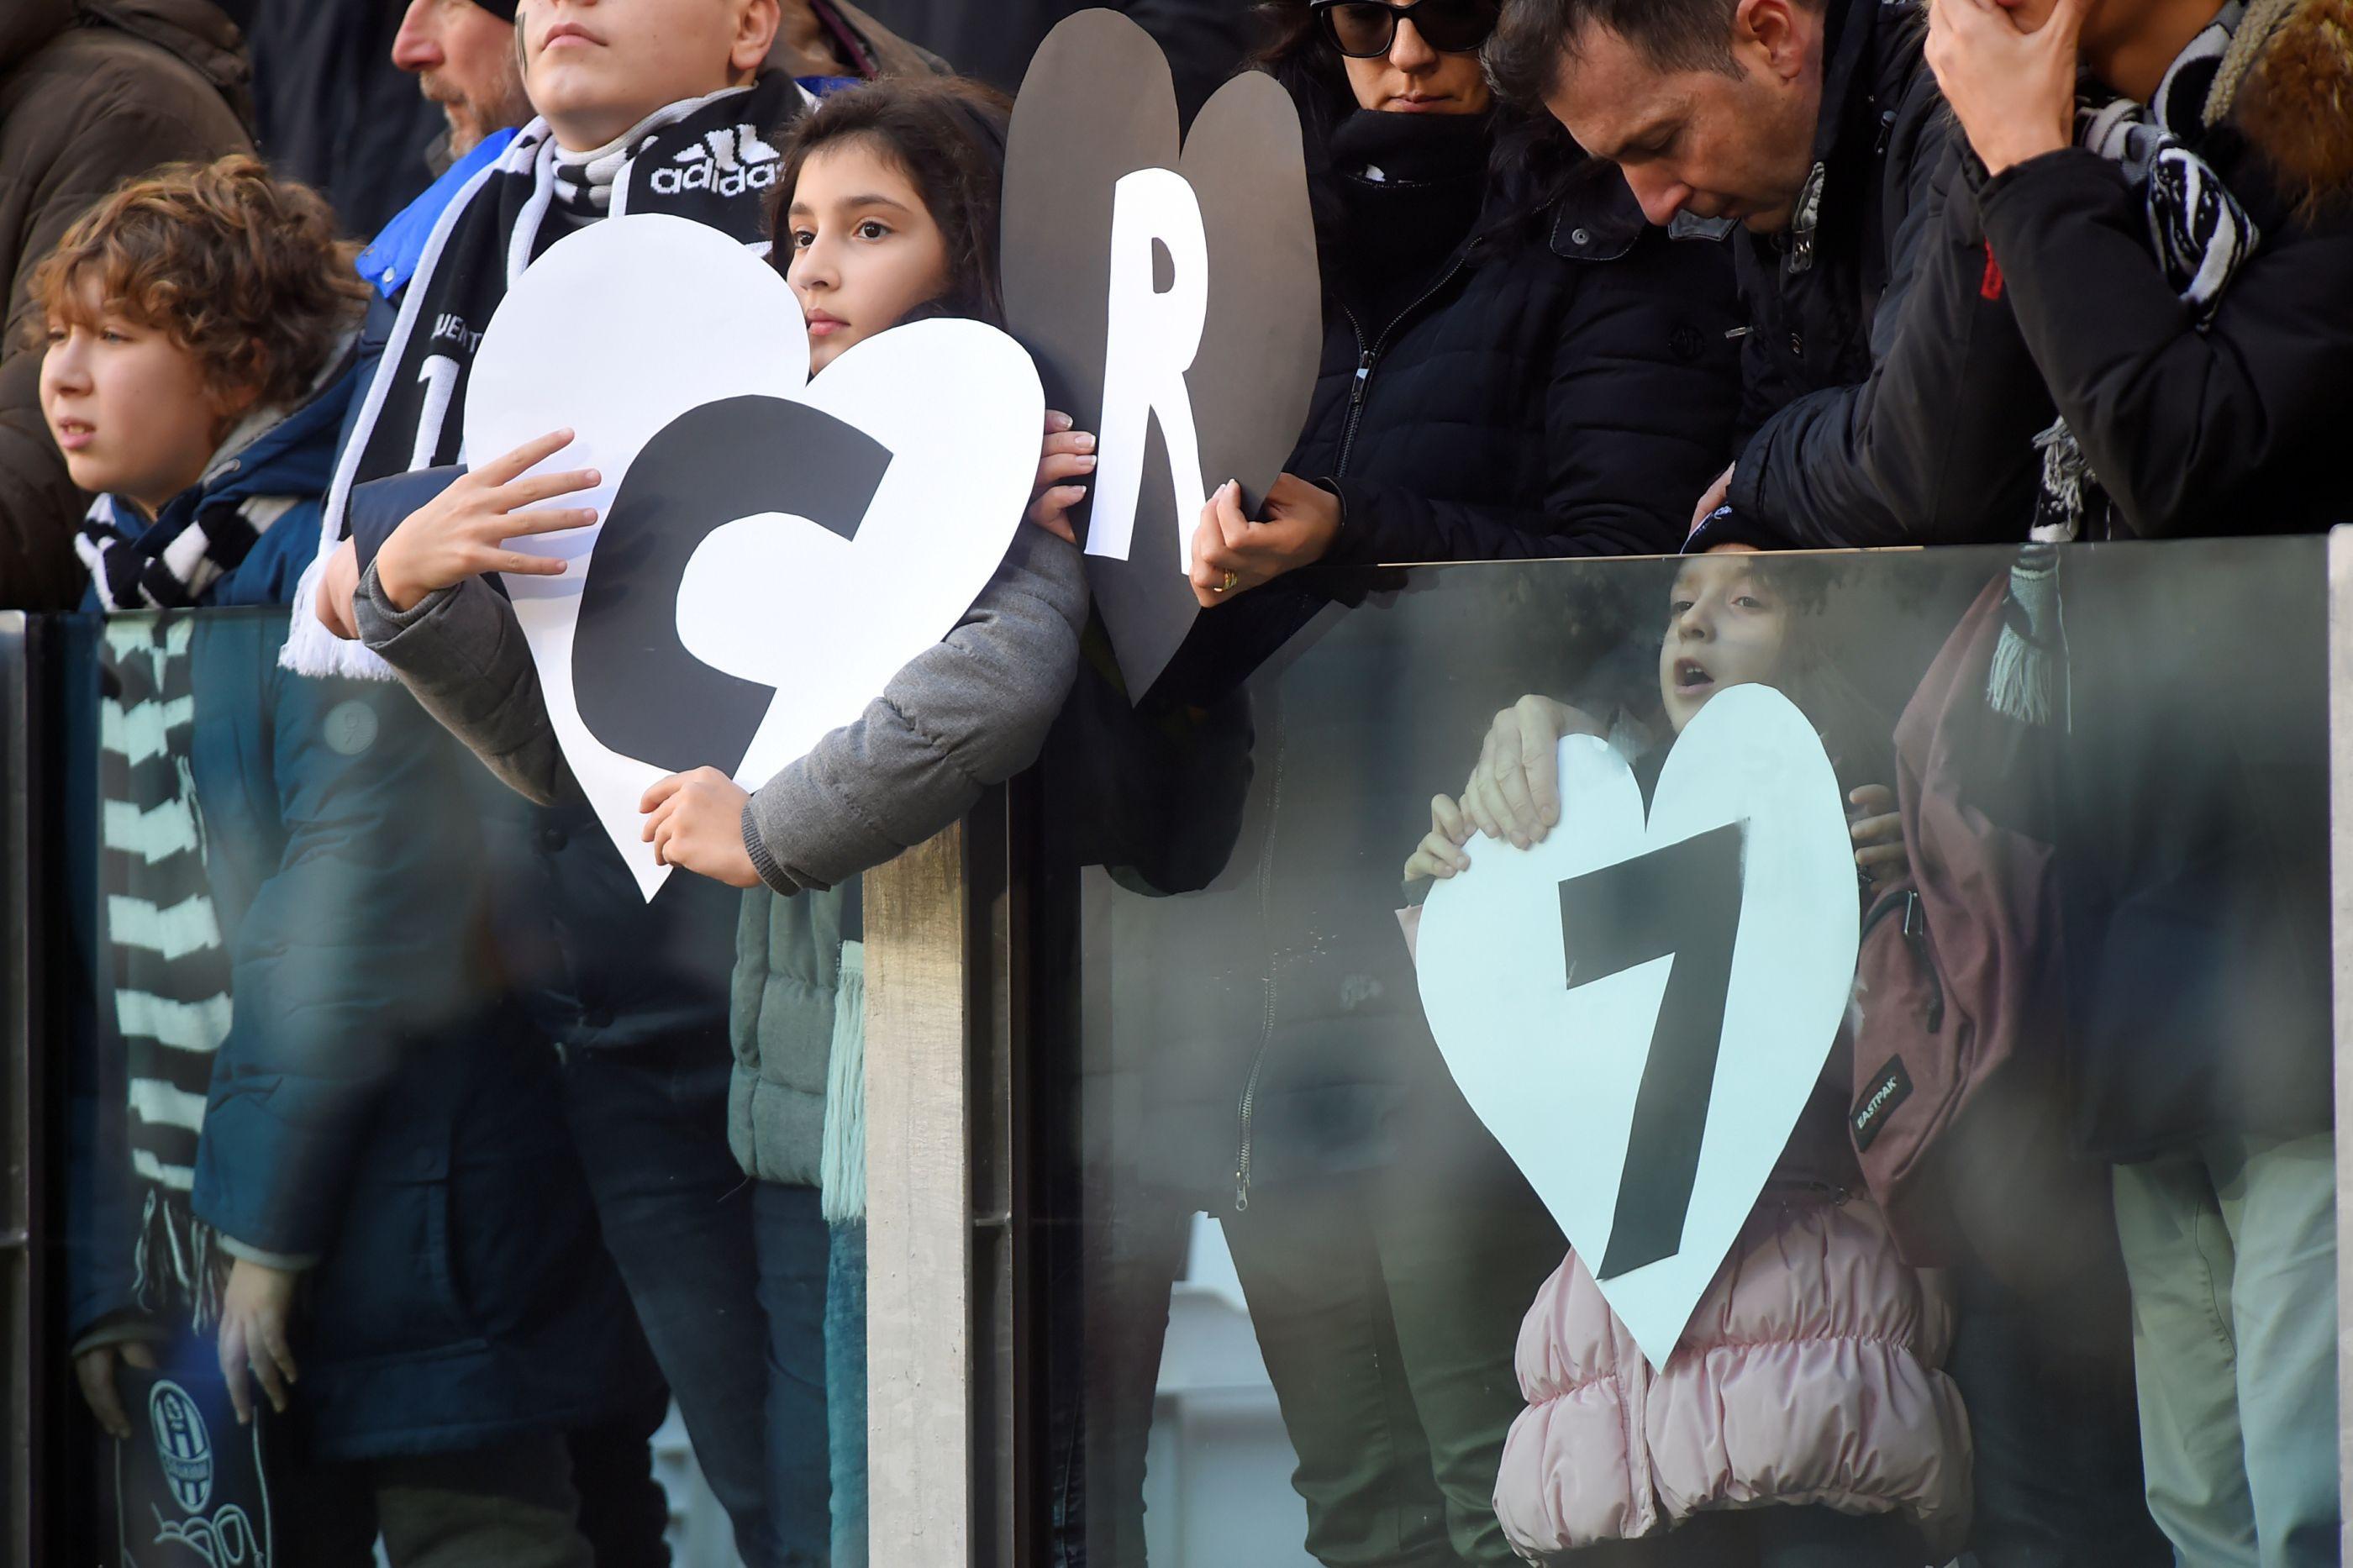 Serie A: Siga em direto os resultados e marcadores da 27.ª jornada